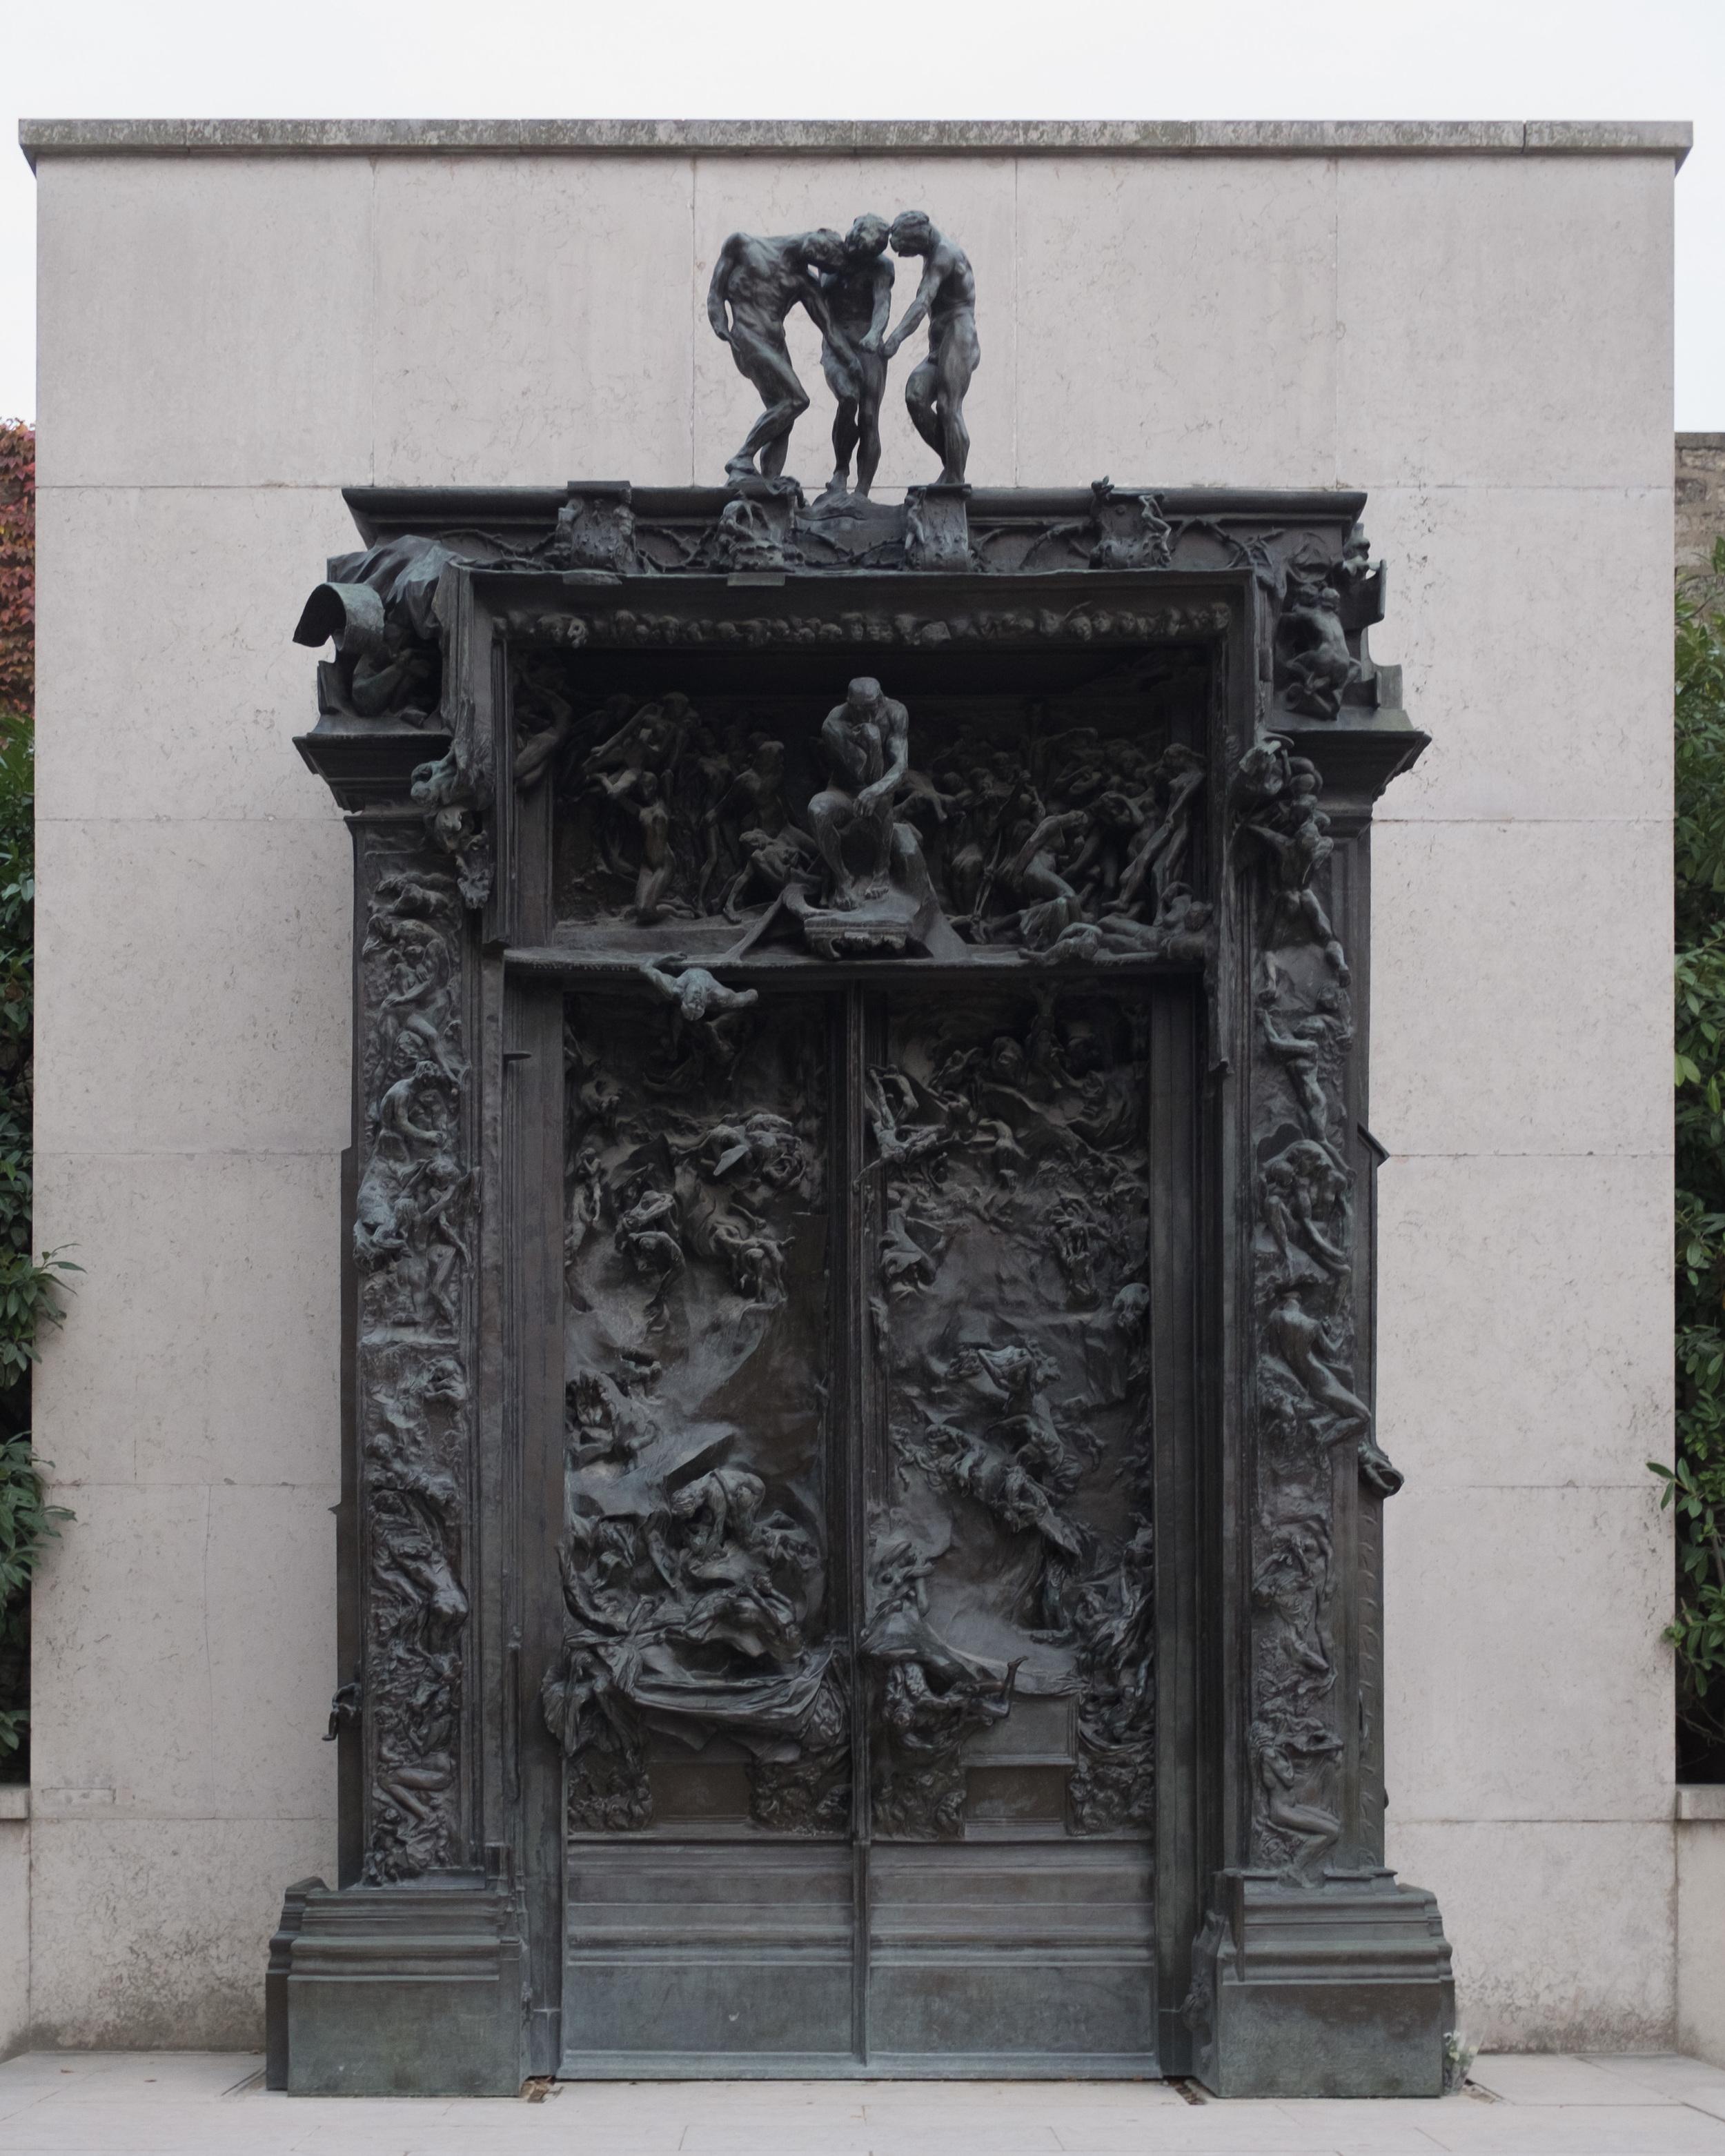 london-britian-cambridge-stmalo-mont-saint-michel-france-normandy-paris-108.jpg